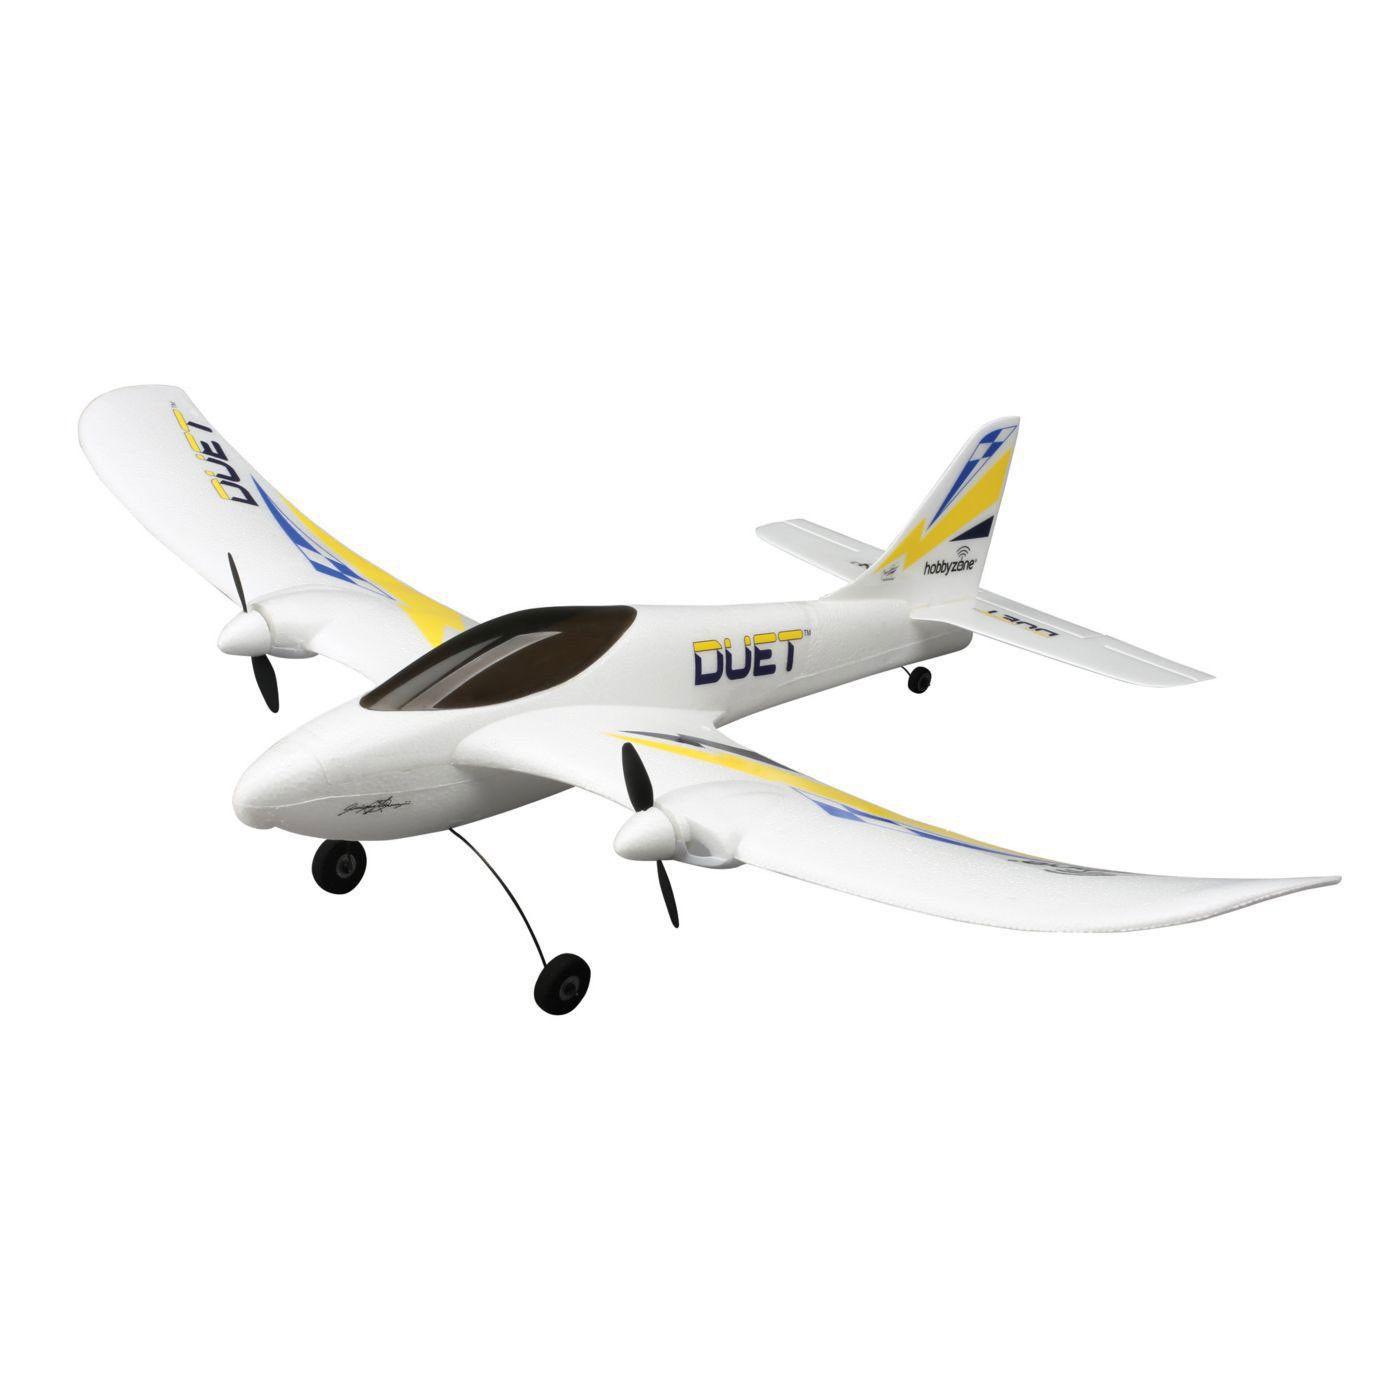 Самолет для начинающих HobbyZone Duet RTF радиоуправляемый самолет hobbyzone delta ray технология safe